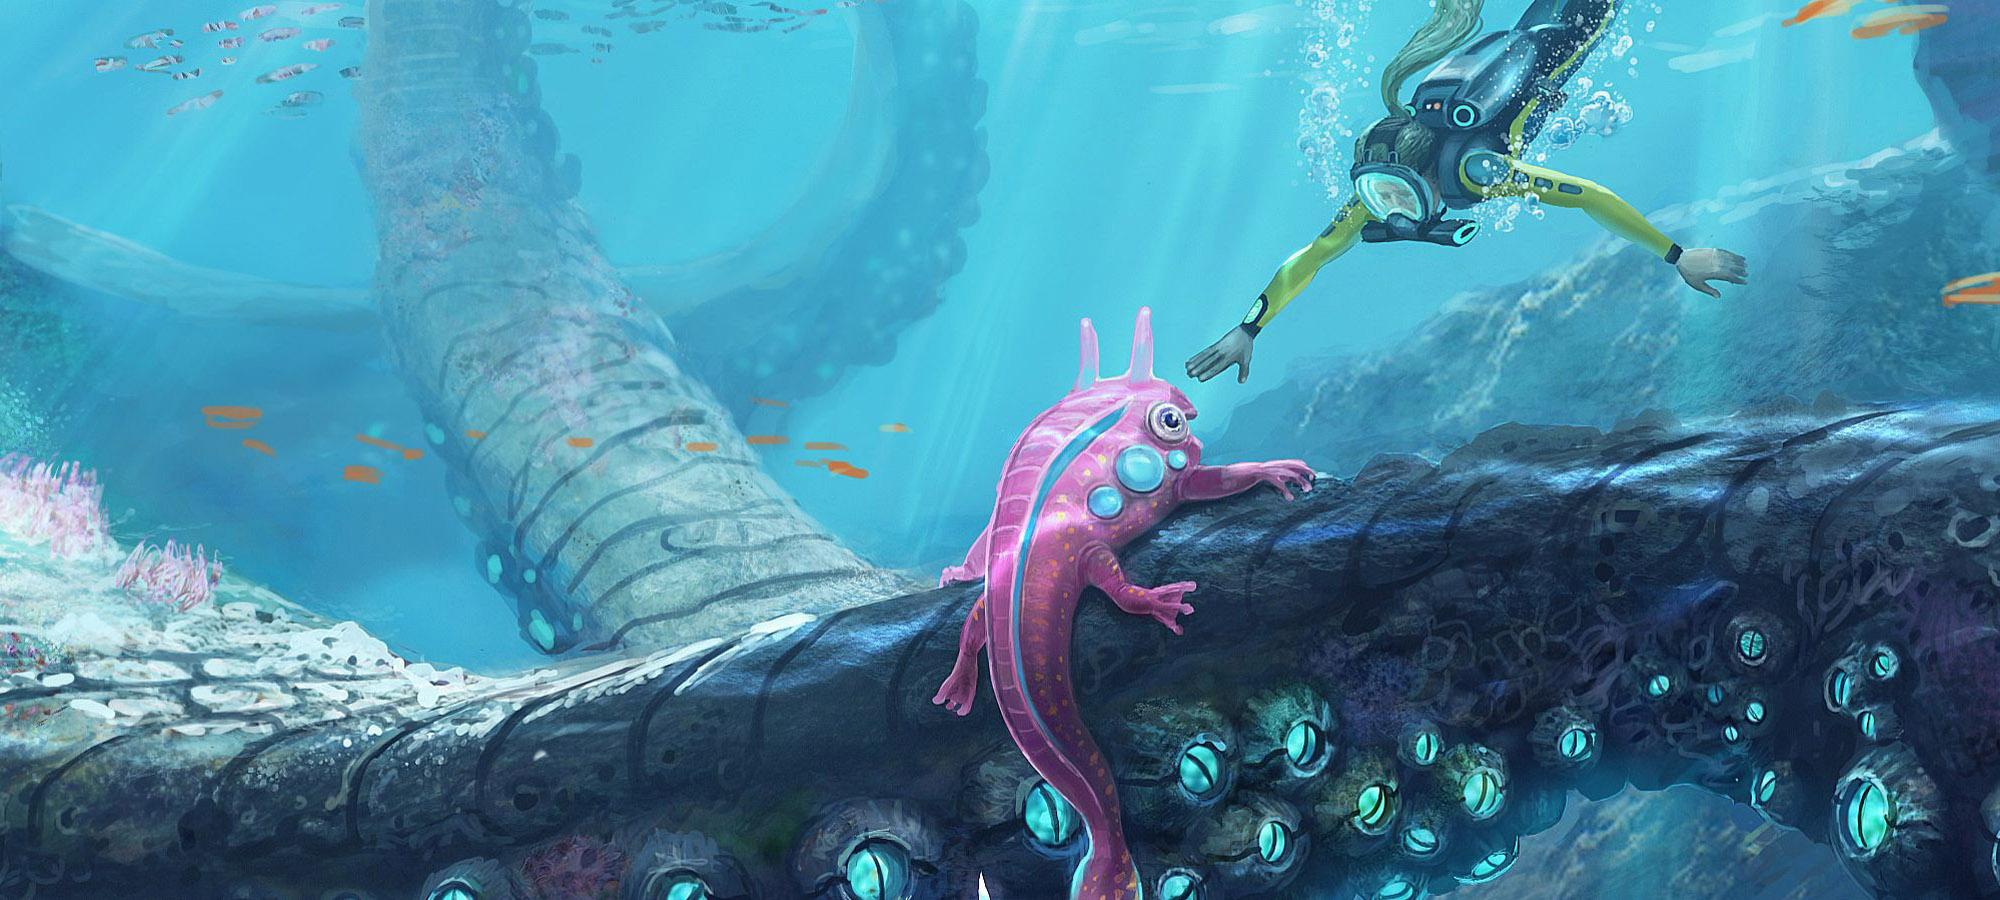 Dans l'immensité de l'océan, je me perds (Subnautica)